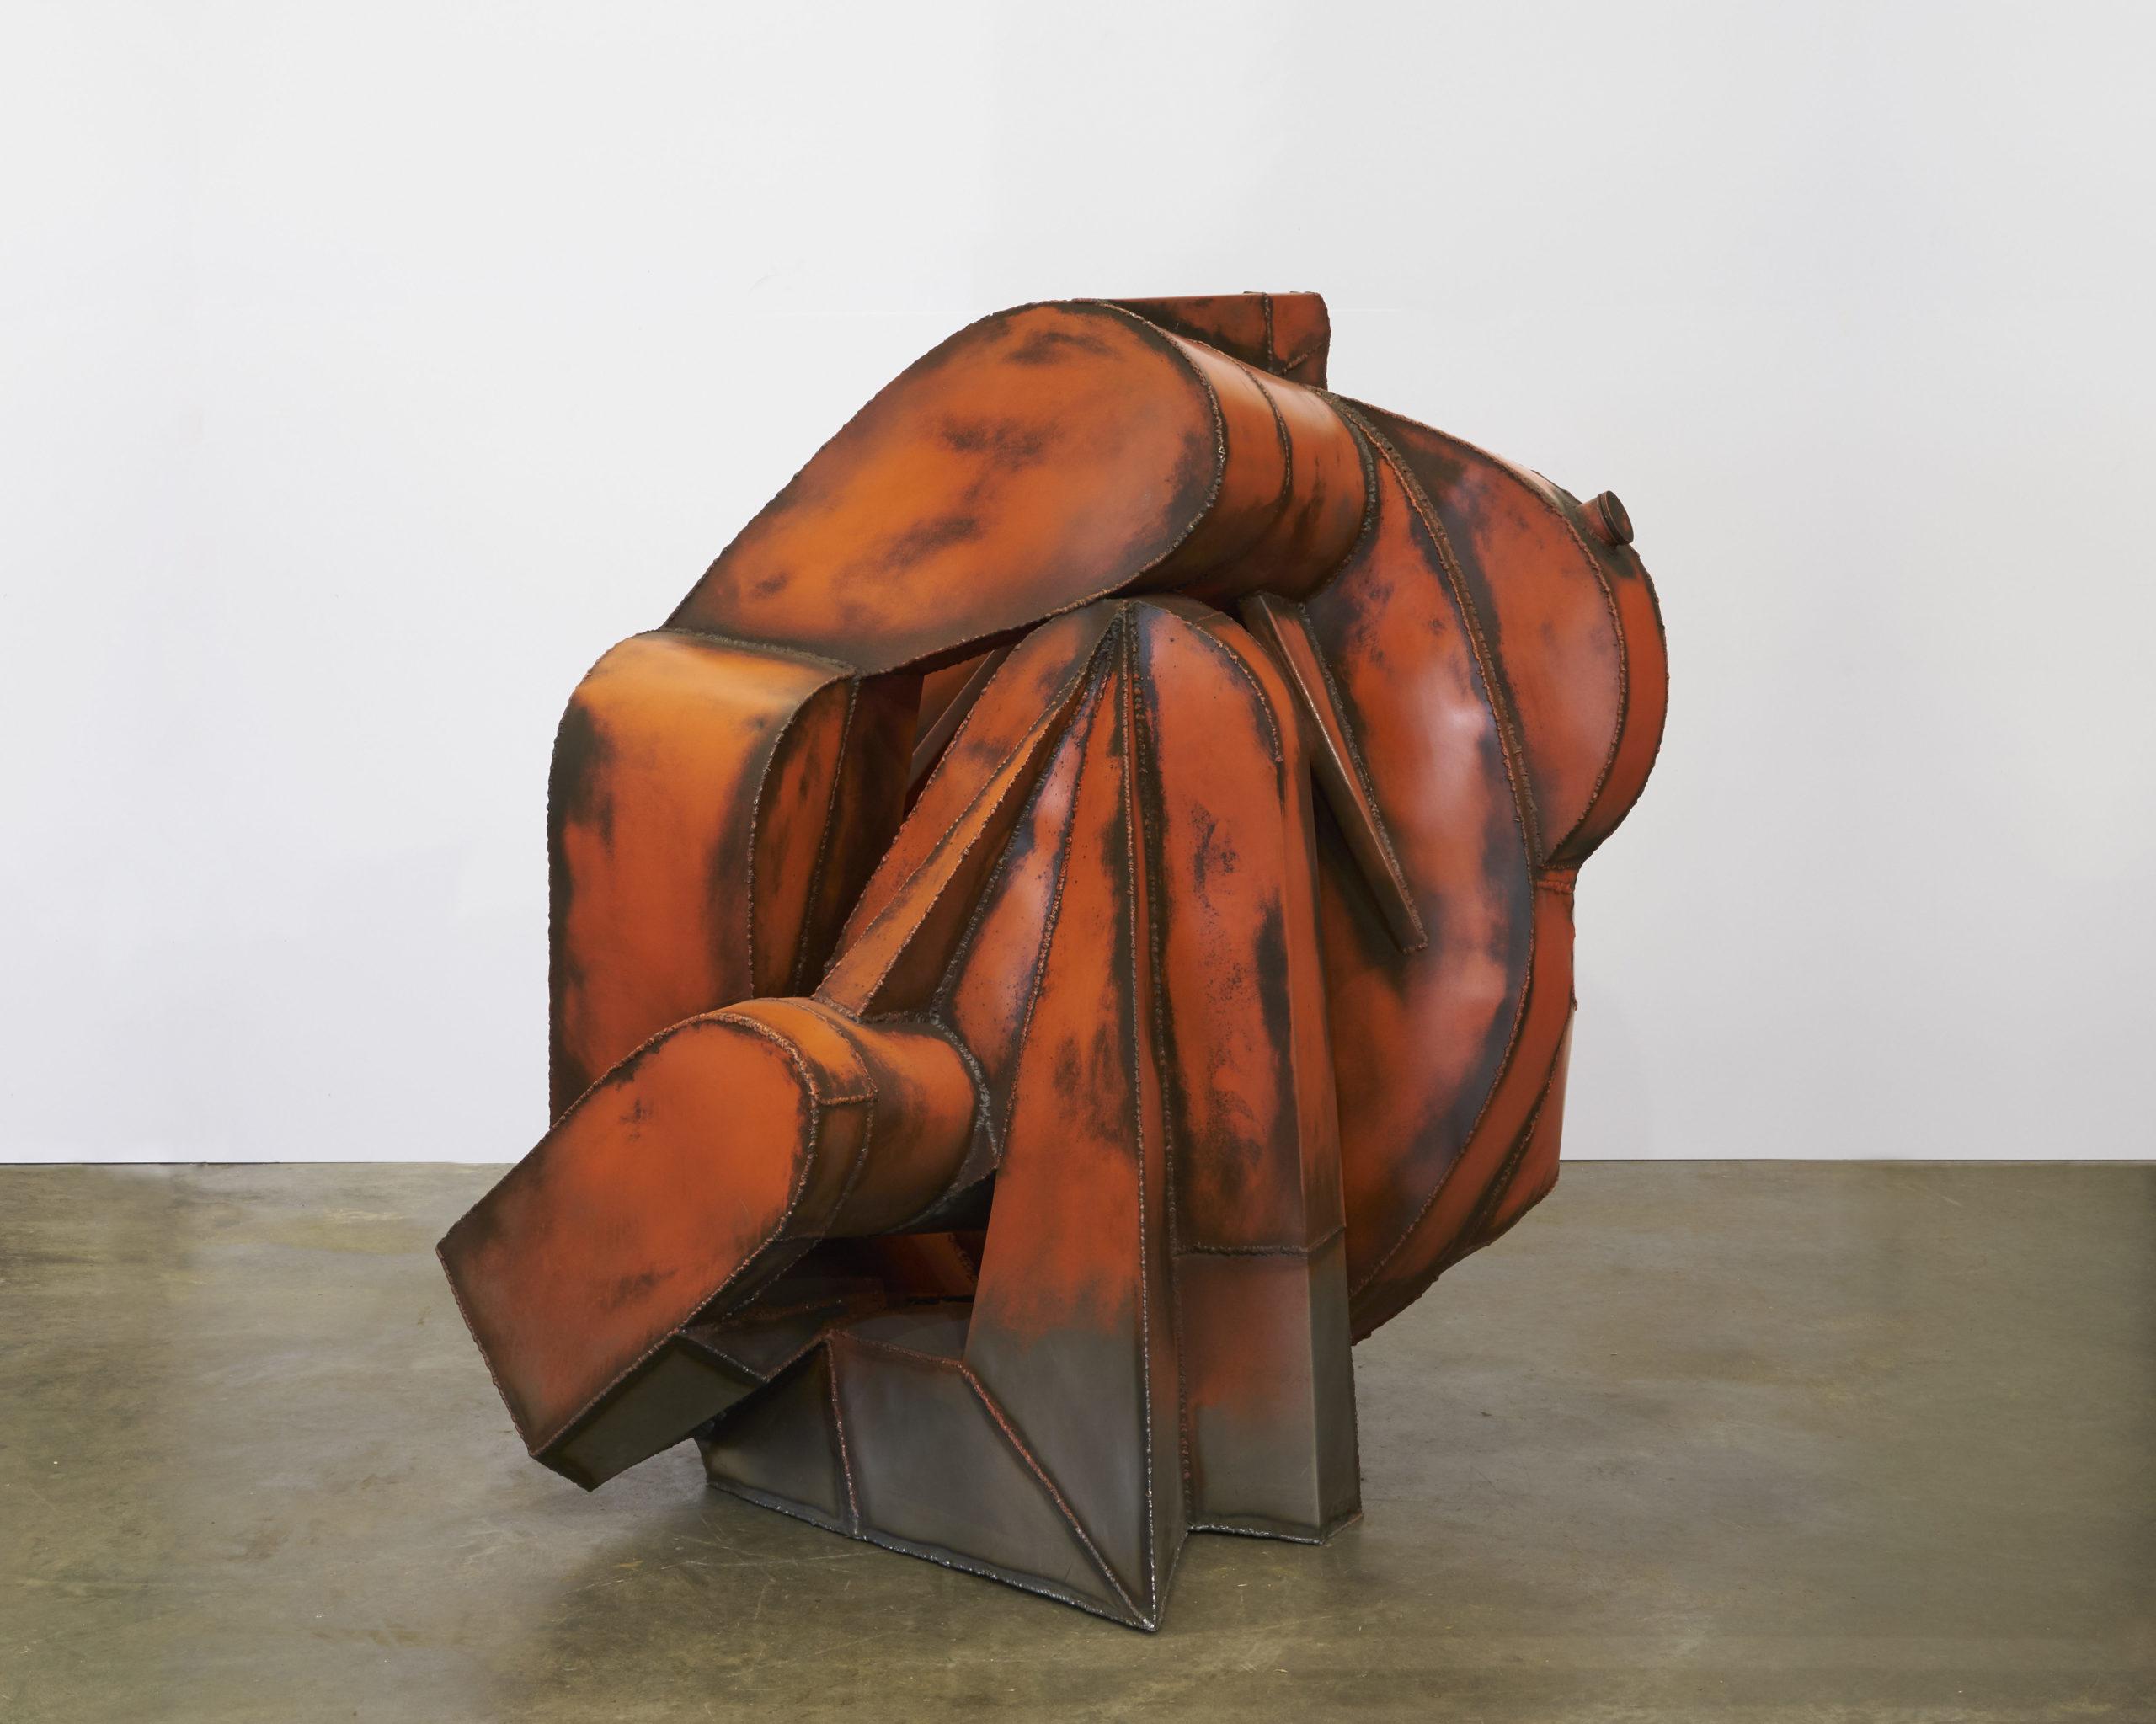 Sculpture Aaron King Art 2021